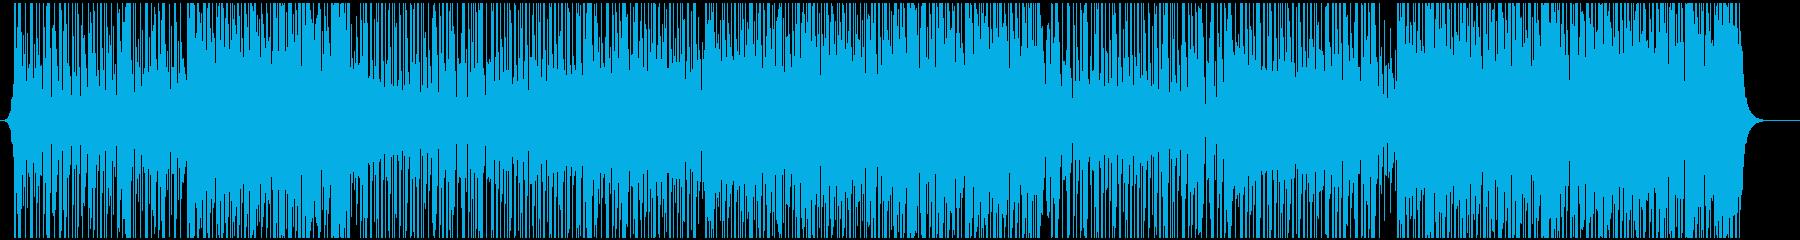 インディーズ ロック ファンク 民...の再生済みの波形